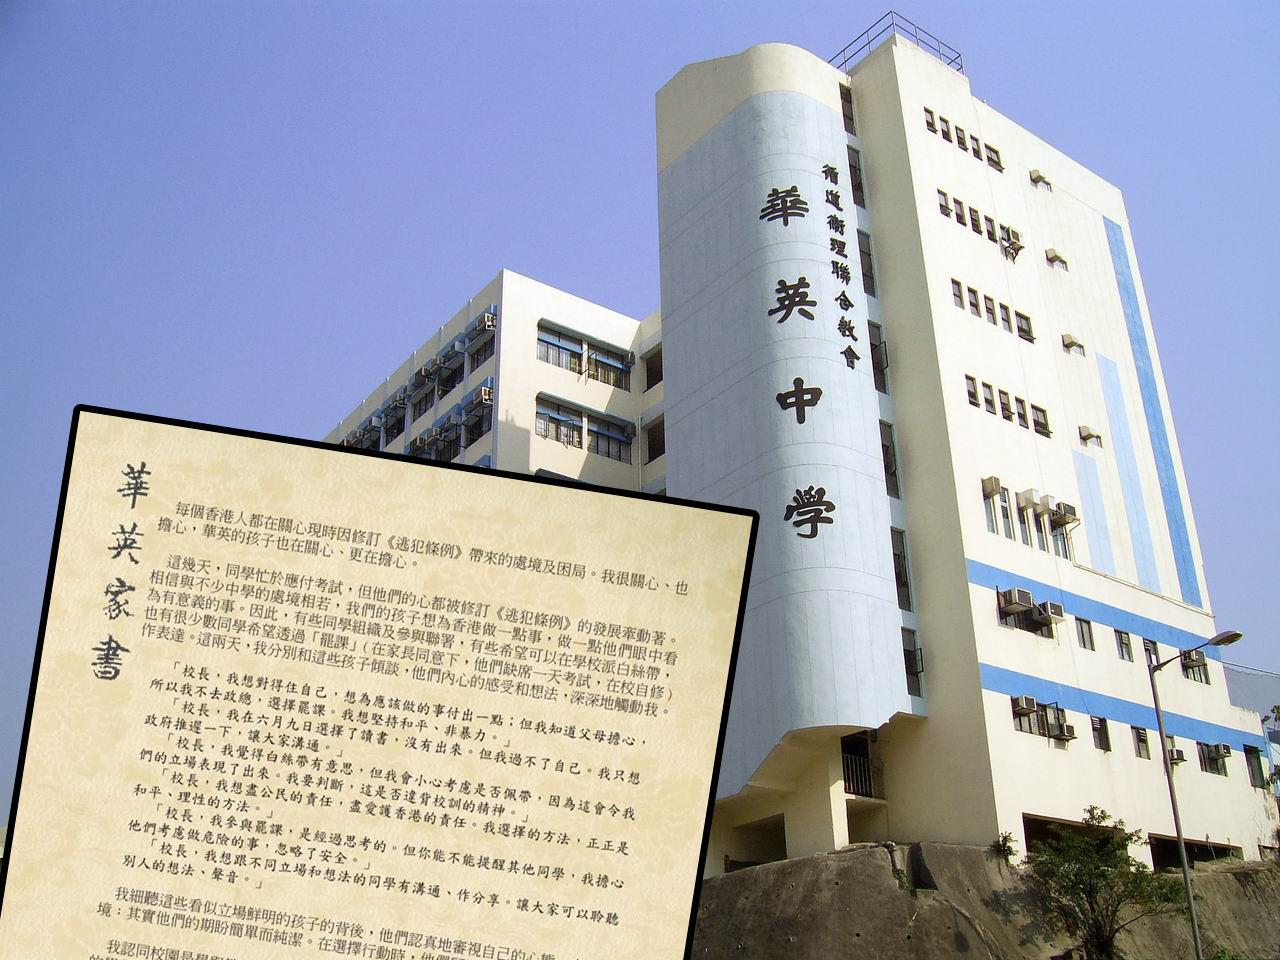 華英中學校長尹志華撰寫學校家書,促政府擱置修例。 網圖